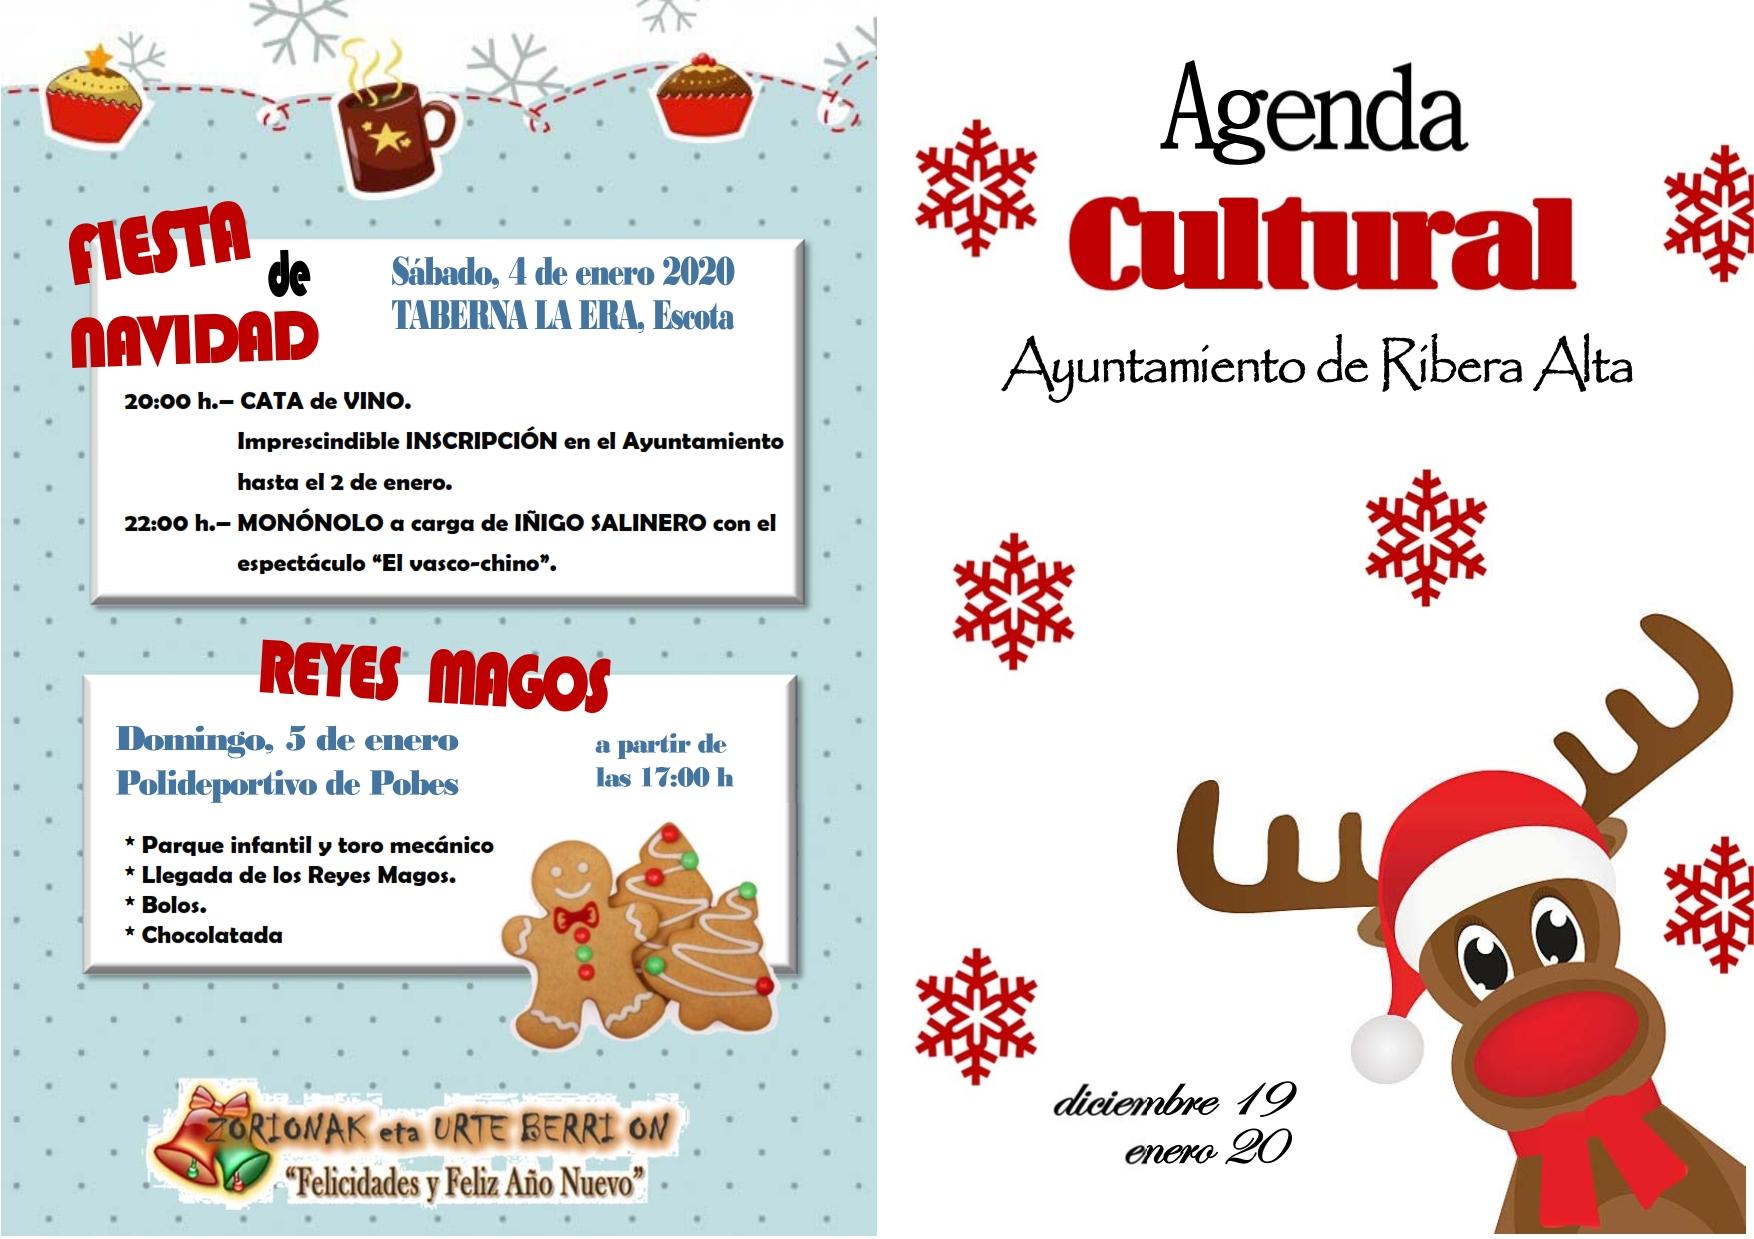 Programación navideña 2019 del Ayuntamiento de Erriberagoitia/Ribera Alta